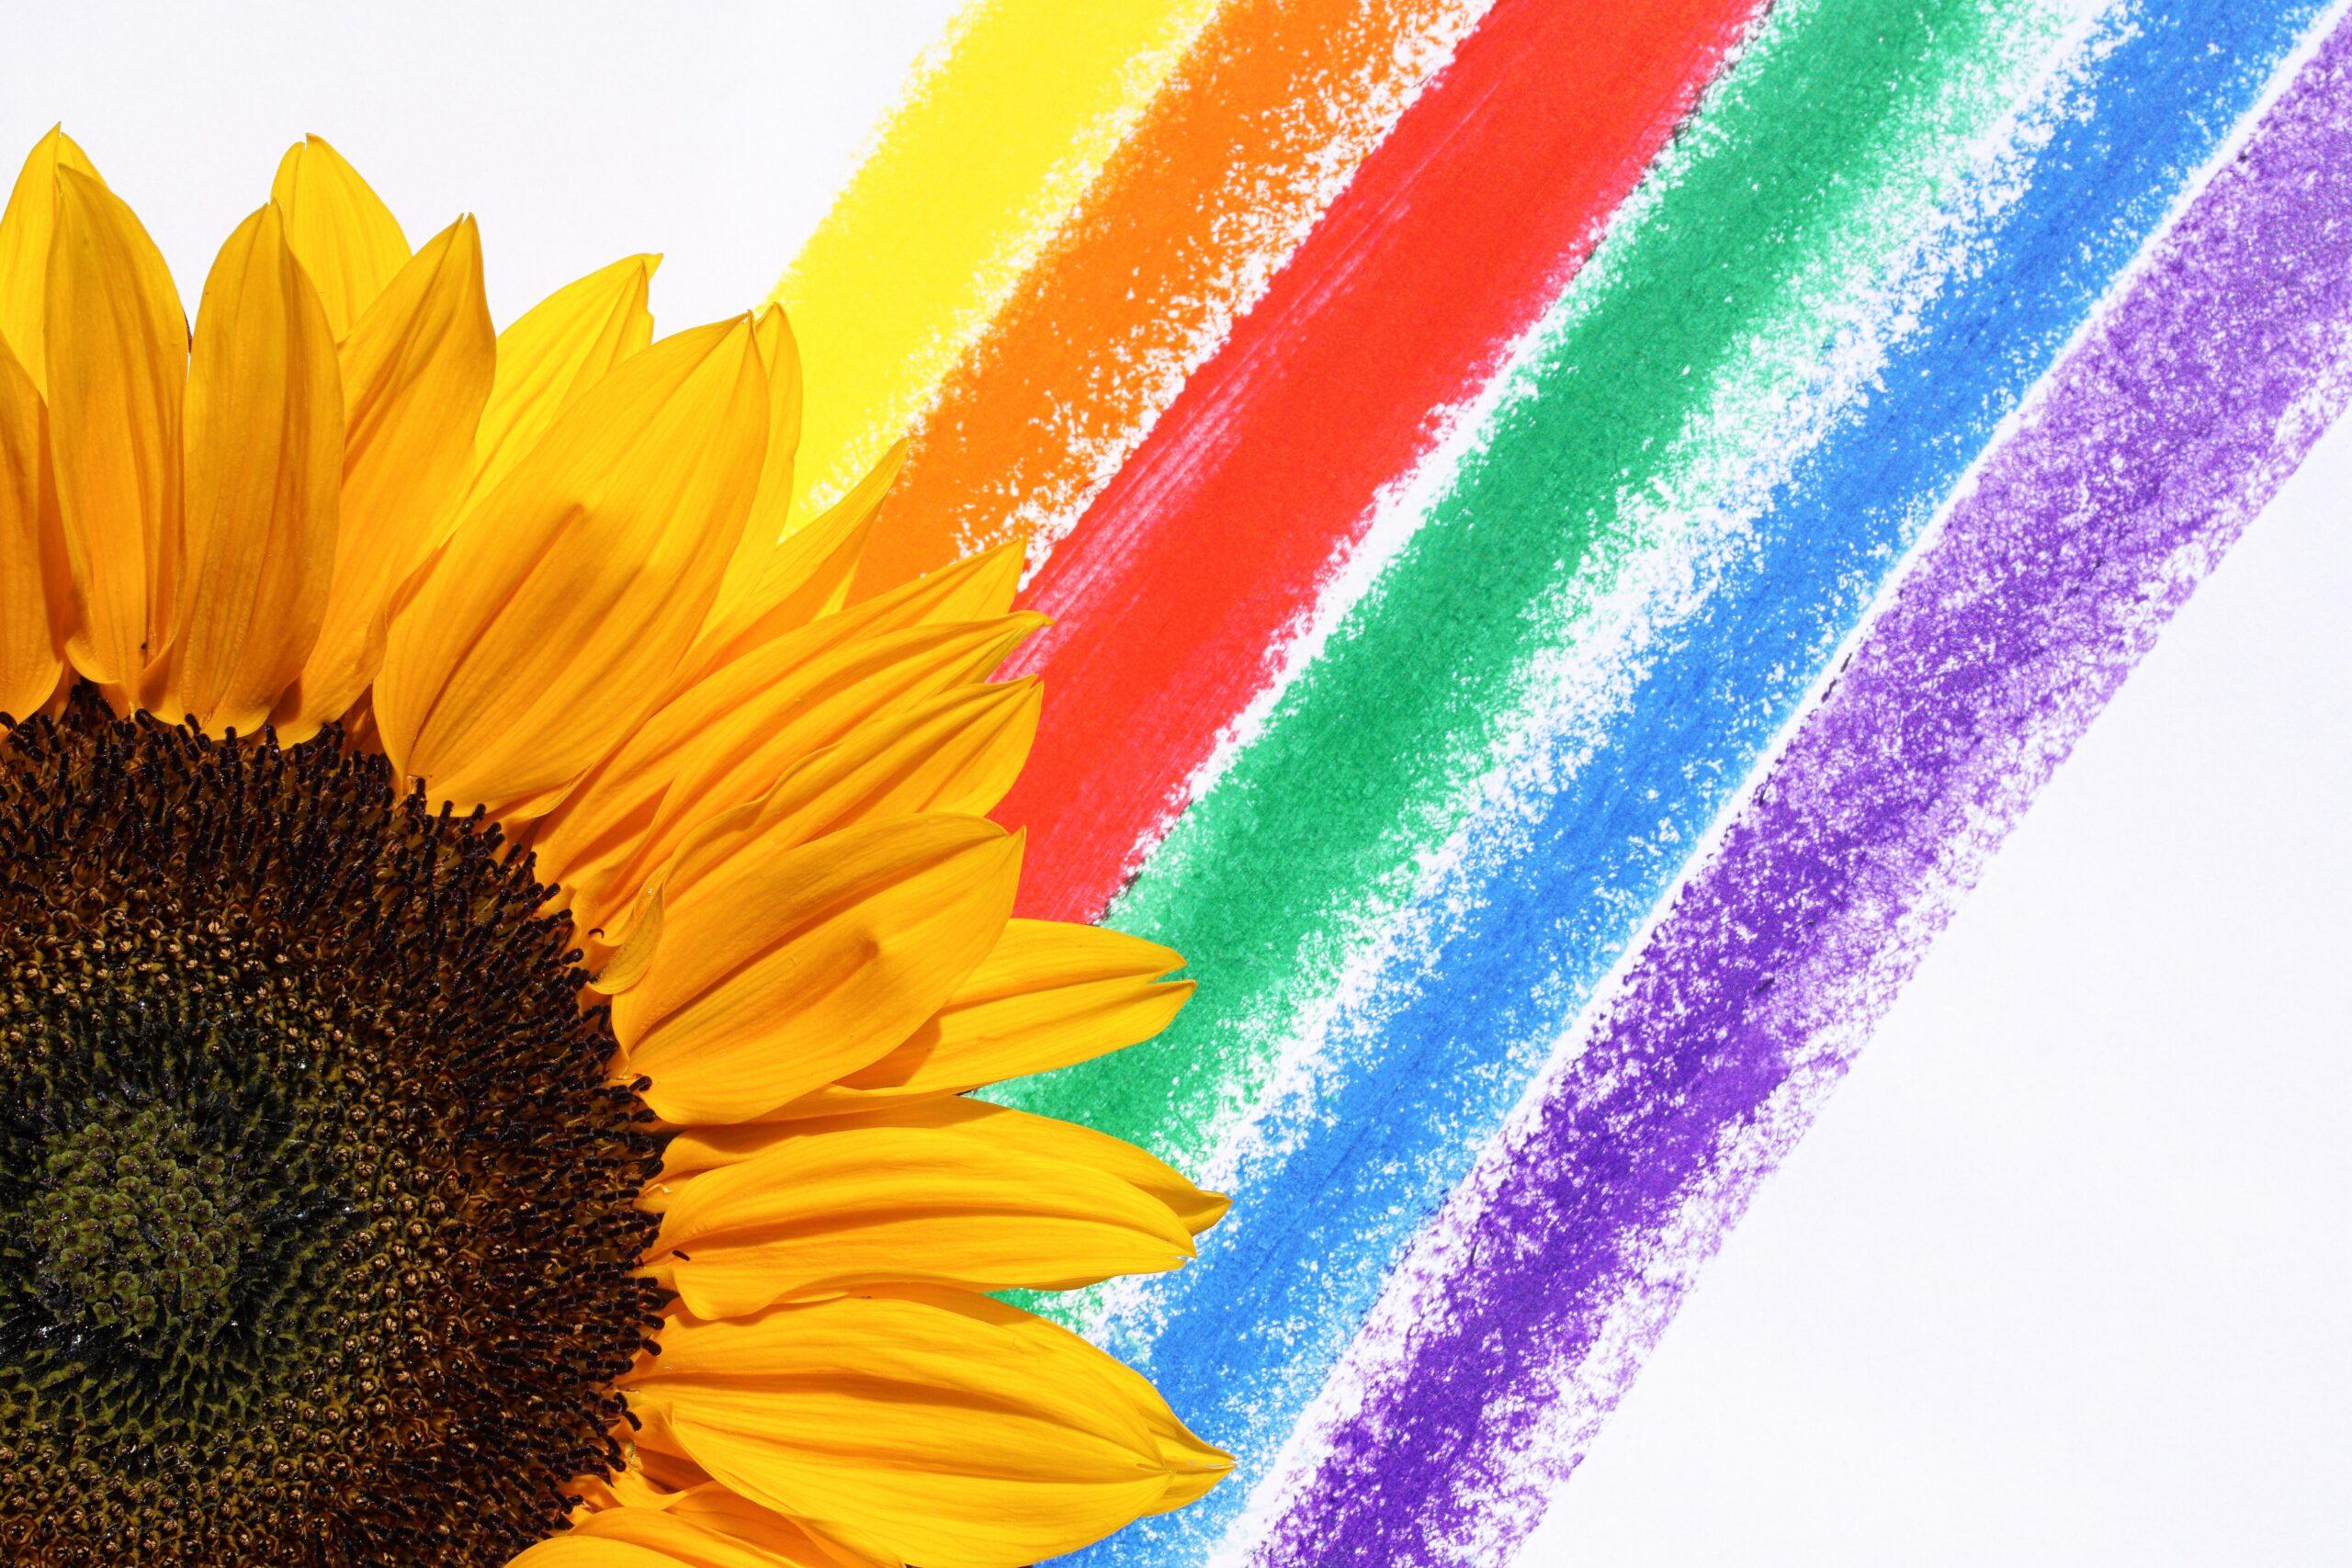 girasole davanti l'arcobaleno - storia della cooperativa sociale amico